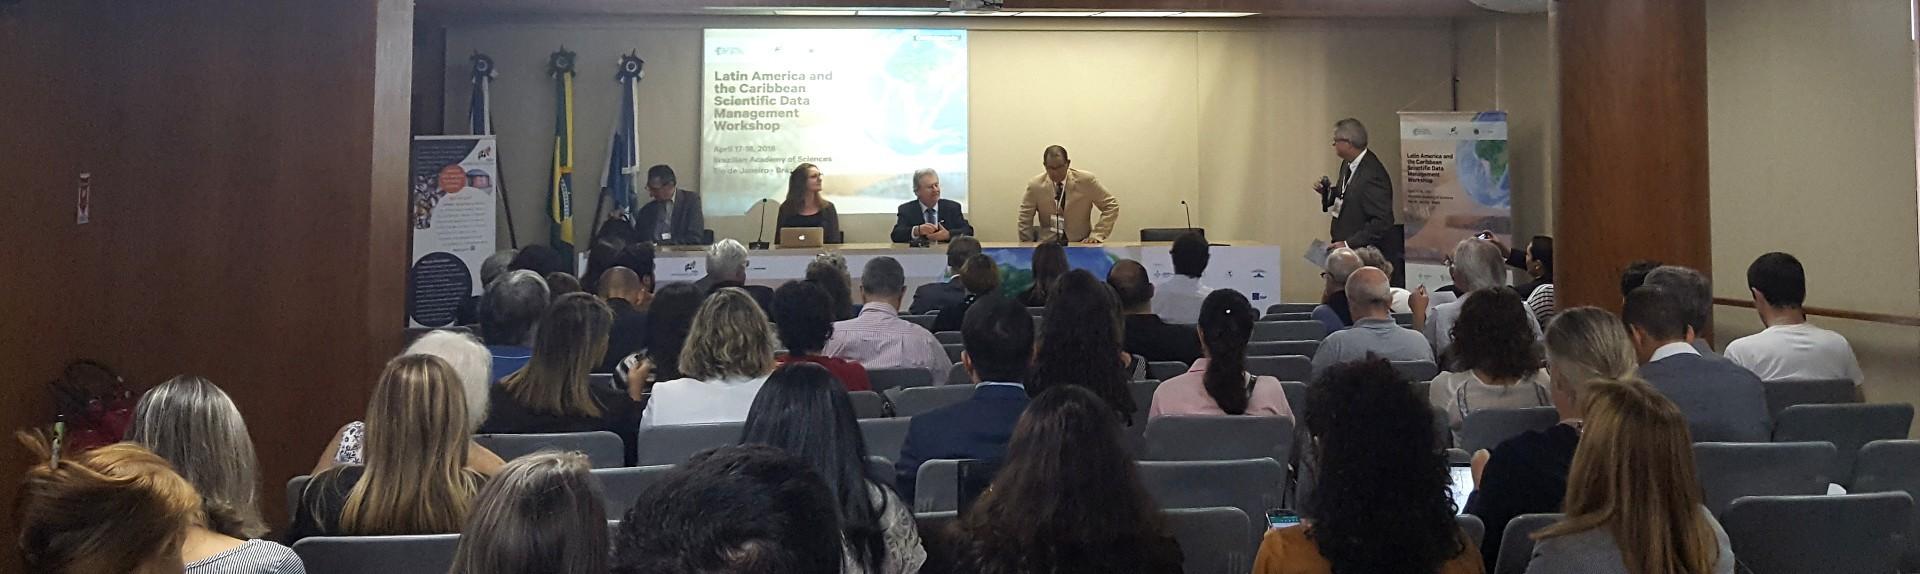 Público acompanha o intercâmbio de informações durante oficina (Foto: Estelle Dugachard/ ONF Brasil)